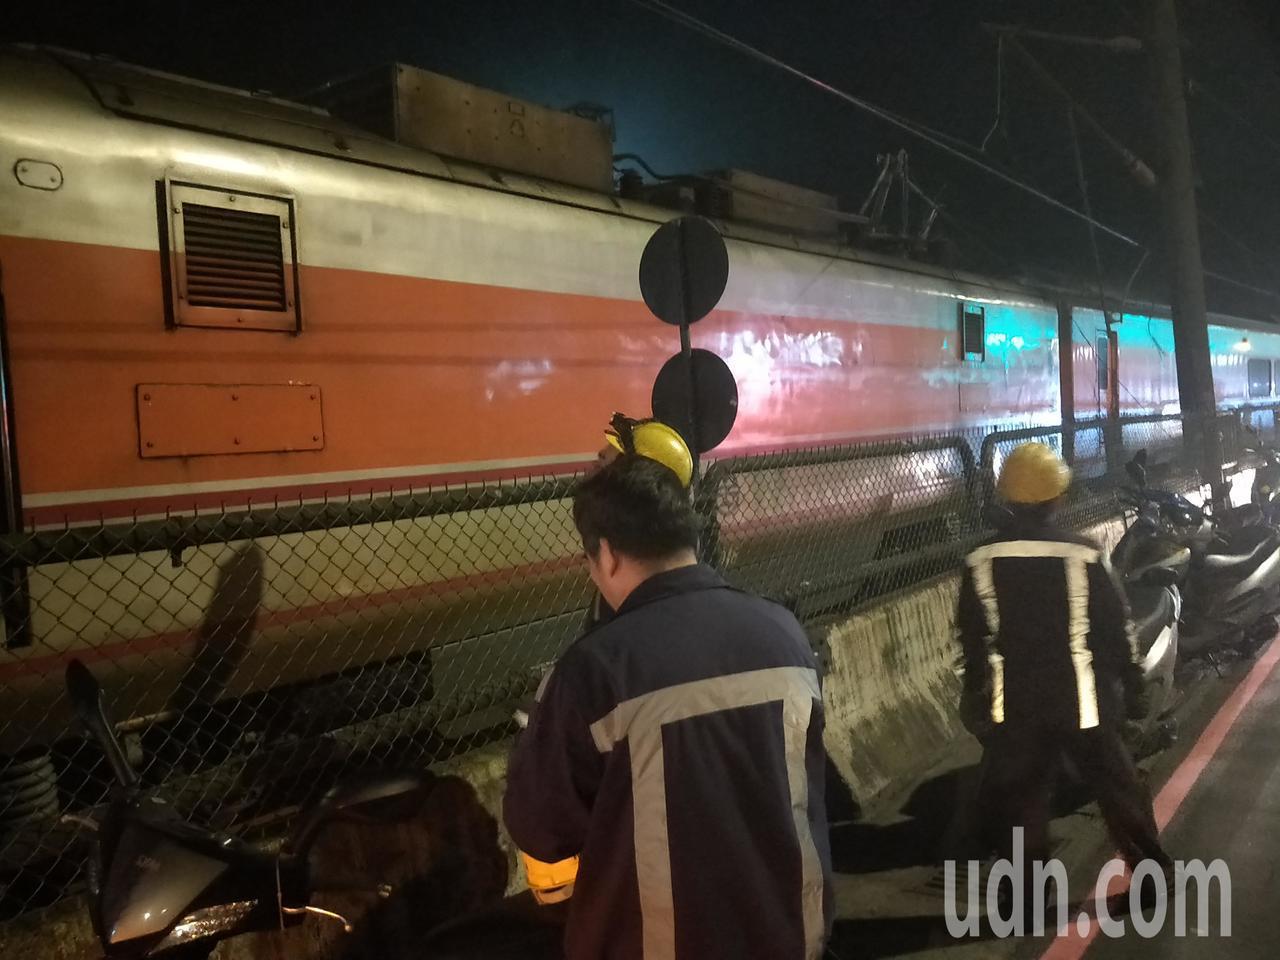 台鐵134次自強號晚間8時24分於汐止至七堵間西正線電車線斷落,列車受困停駛。 ...